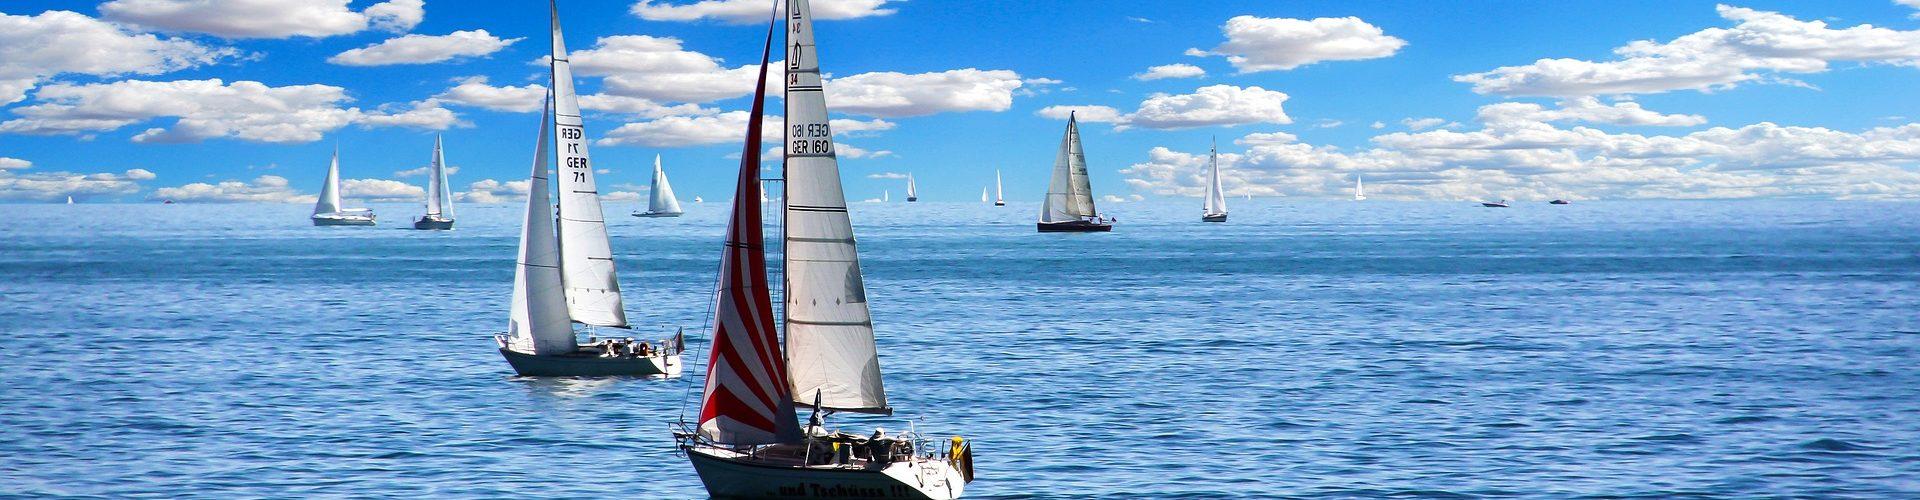 segeln lernen in Holzminden segelschein machen in Holzminden 1920x500 - Segeln lernen in Holzminden